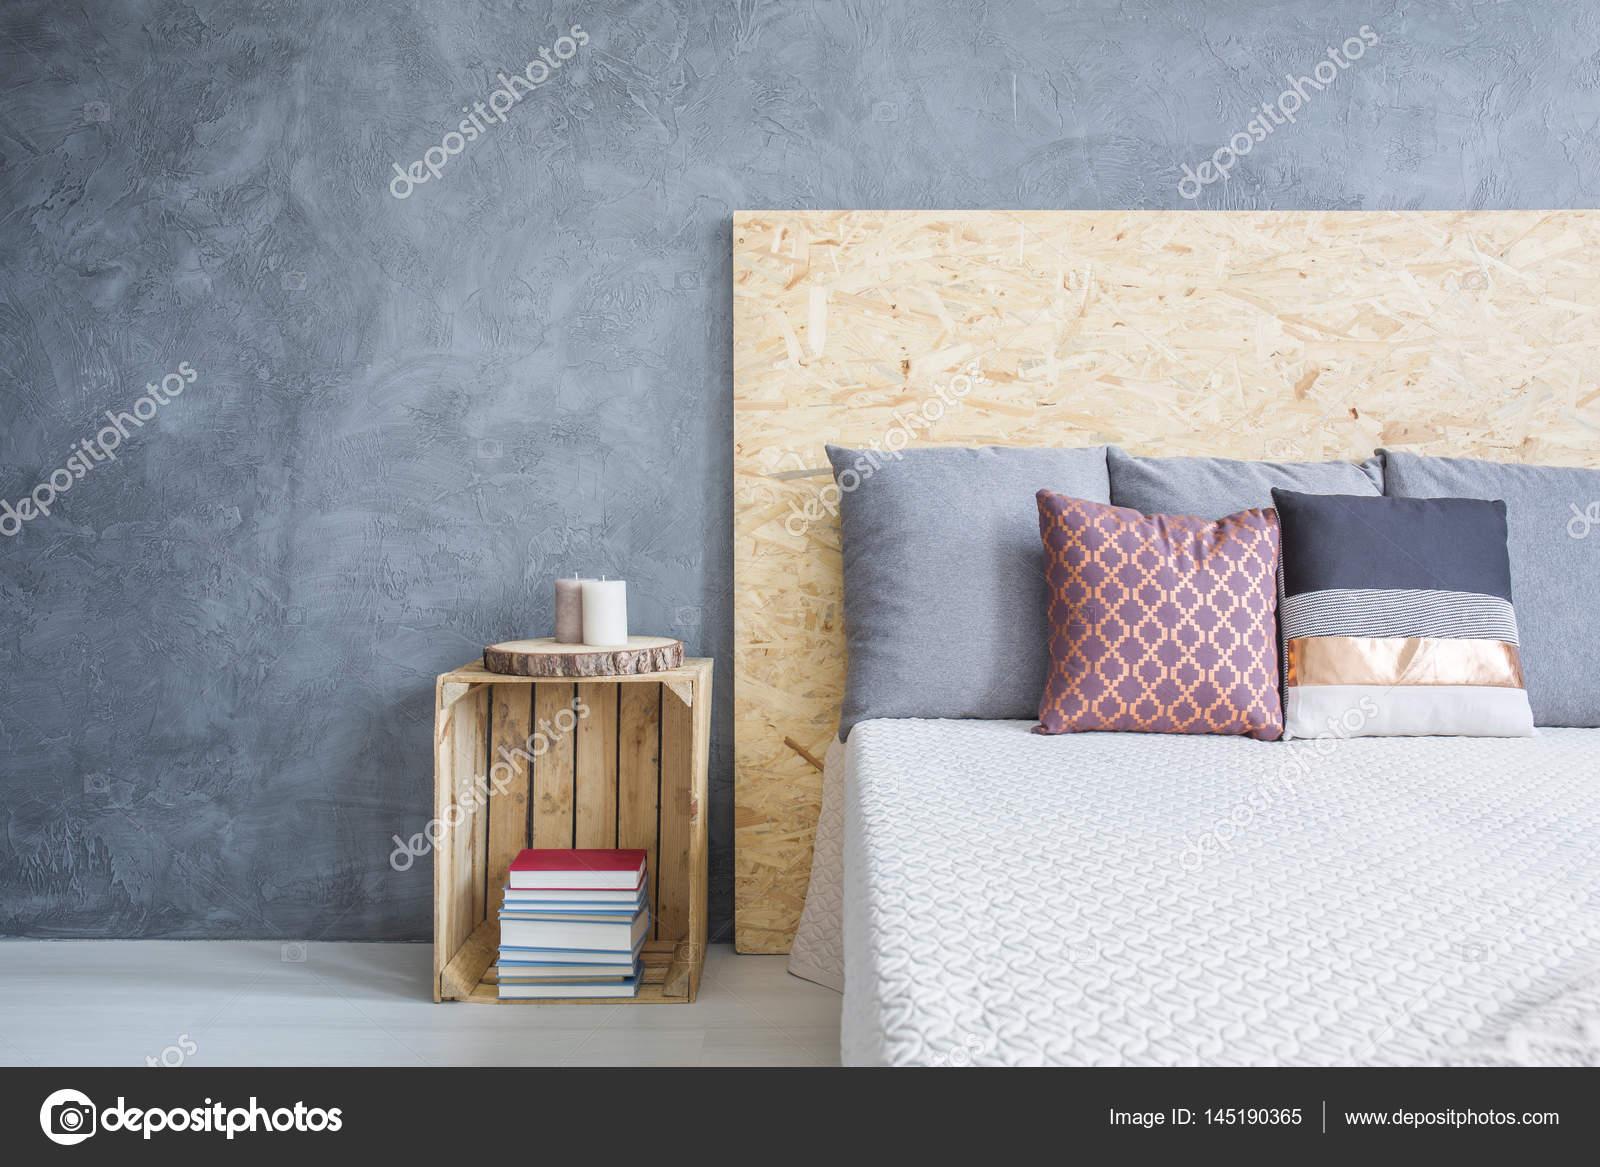 camera da letto con letto diy eco ? foto stock © photographee.eu ... - Camera Da Letto Diy